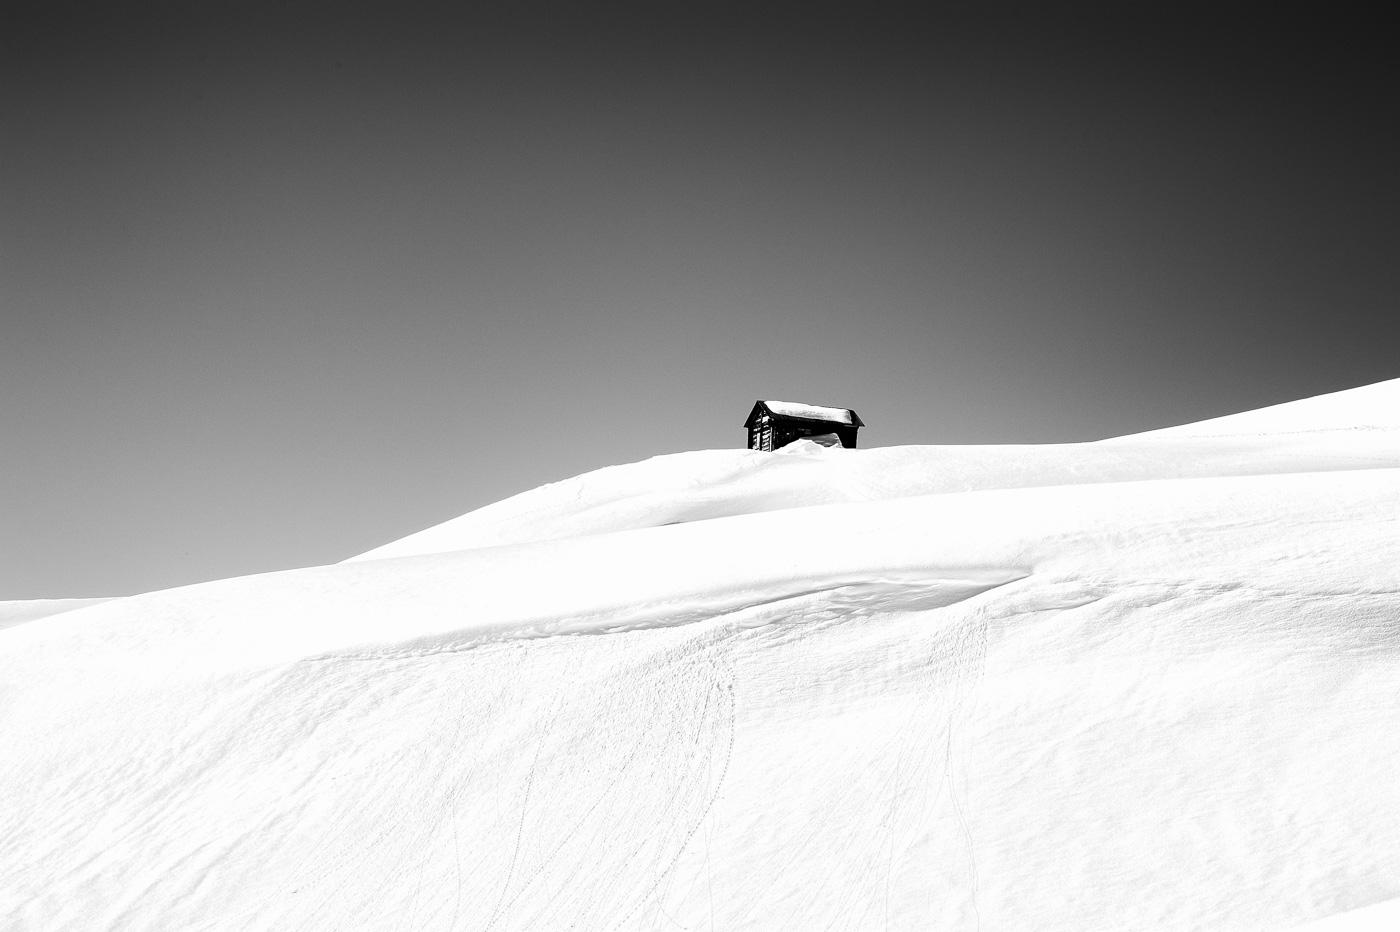 Hut in the snow, Verbier, Switzerland, snowy landscape